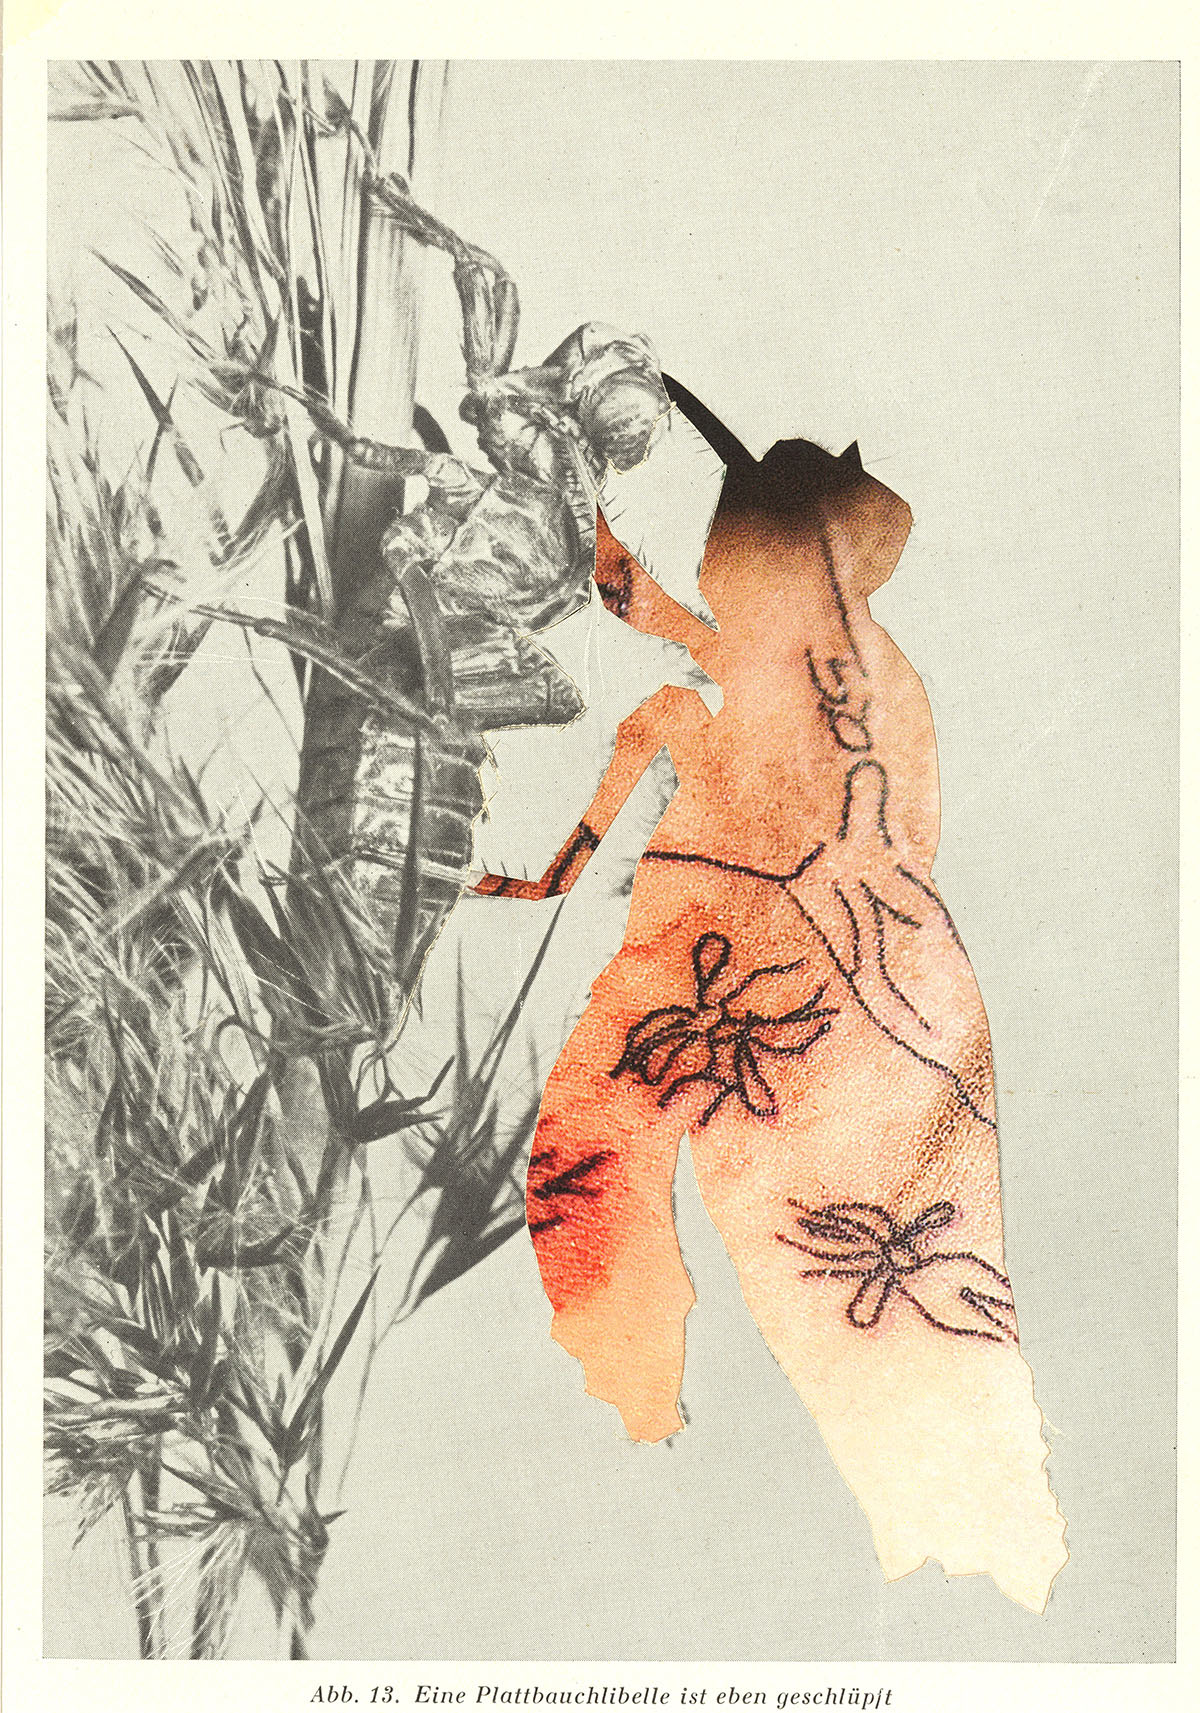 """o.T. aus """"Endemisches Kollegium"""", 2014, 14,9 x 11,5 cm, Collage auf Karton"""